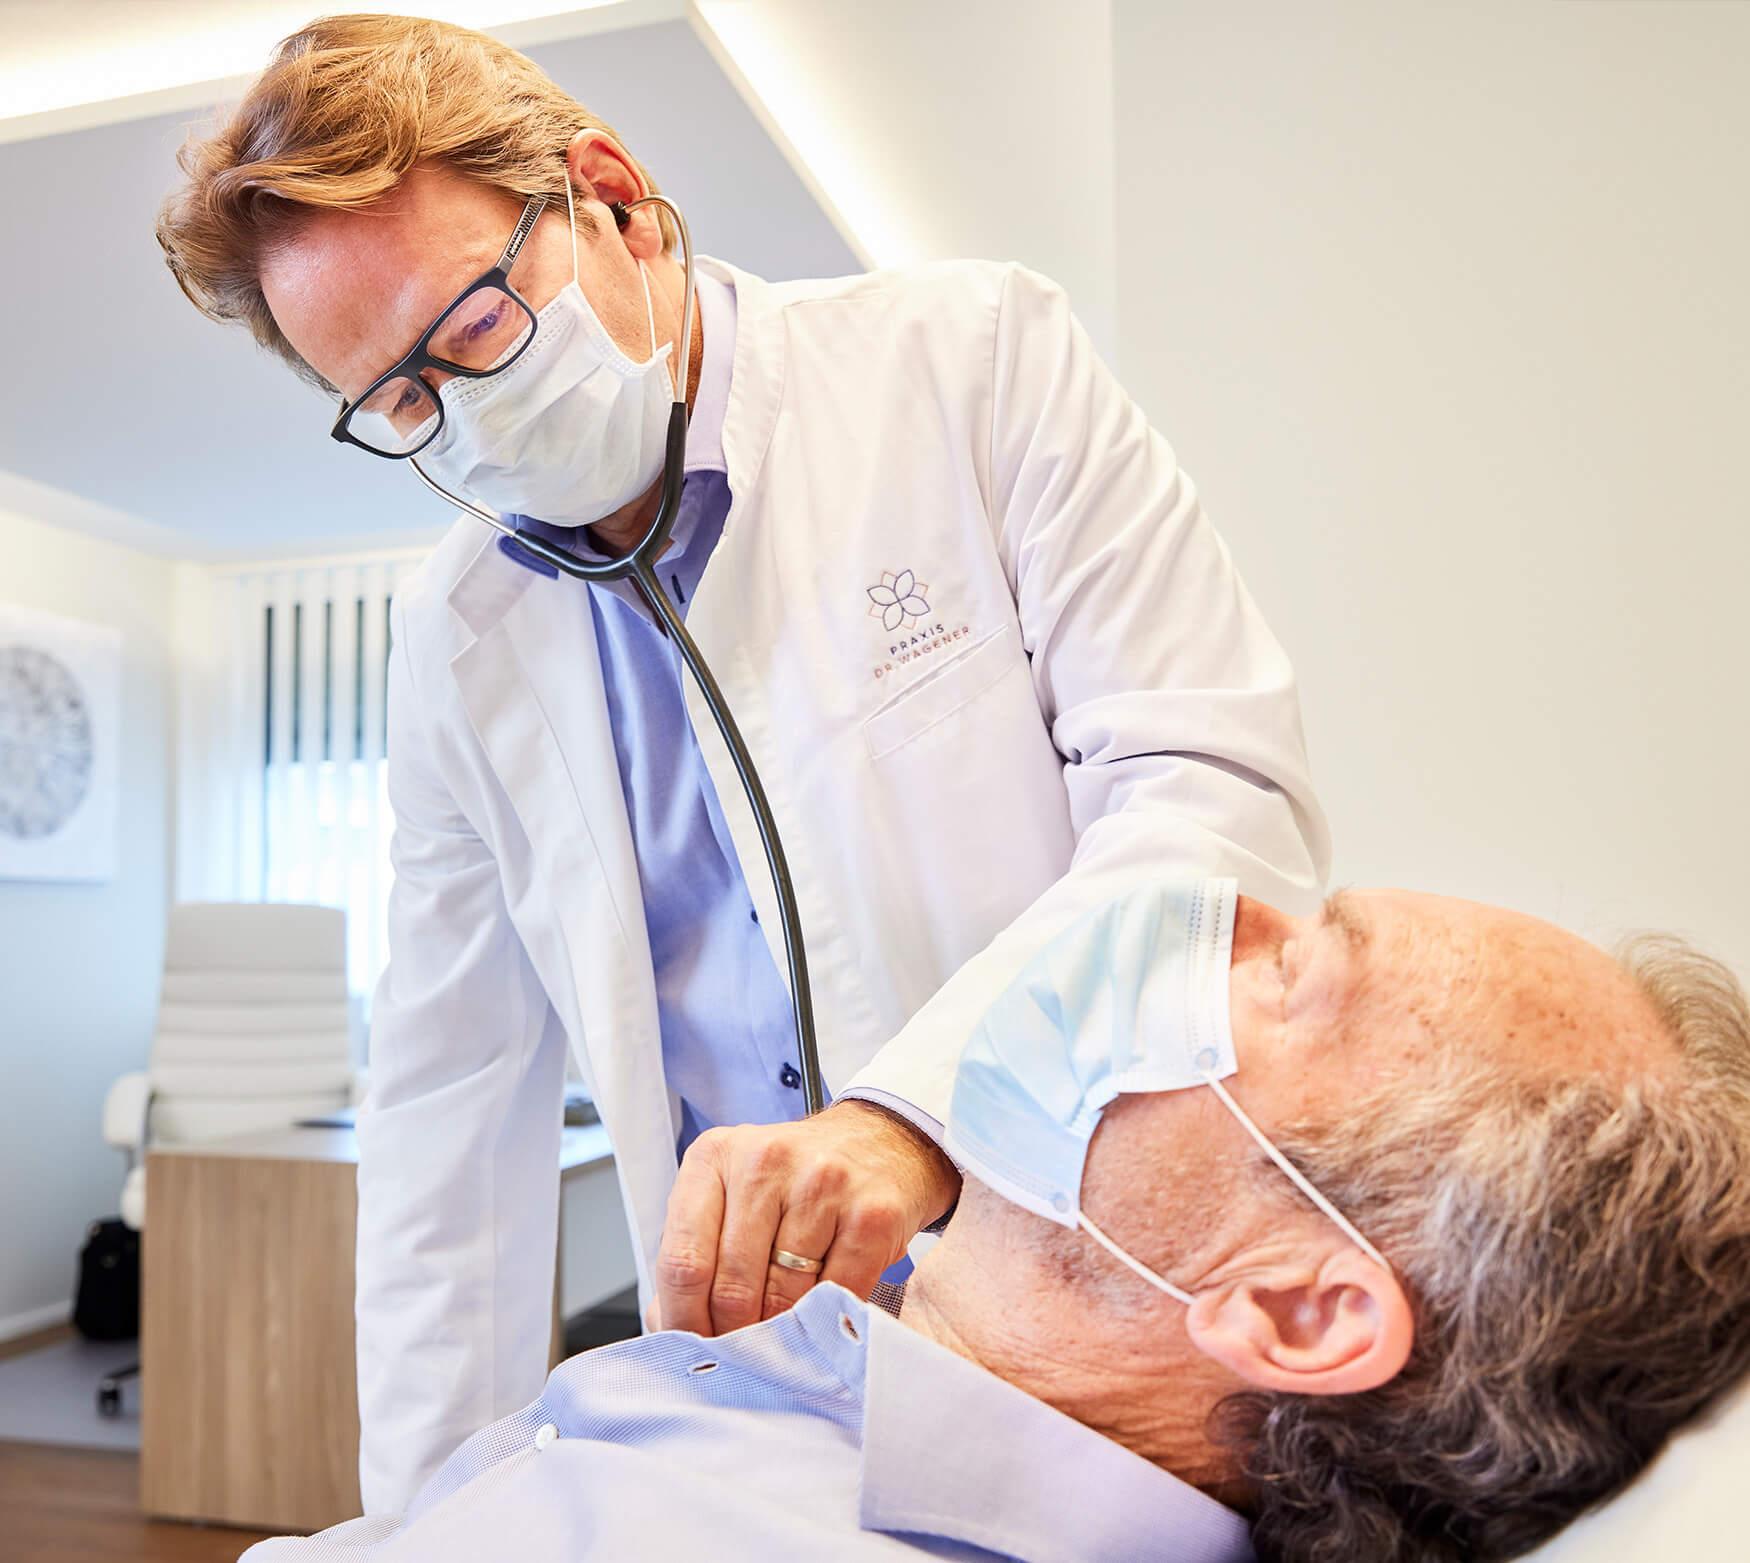 Dr. med. M. Wagener in einer Behandlung